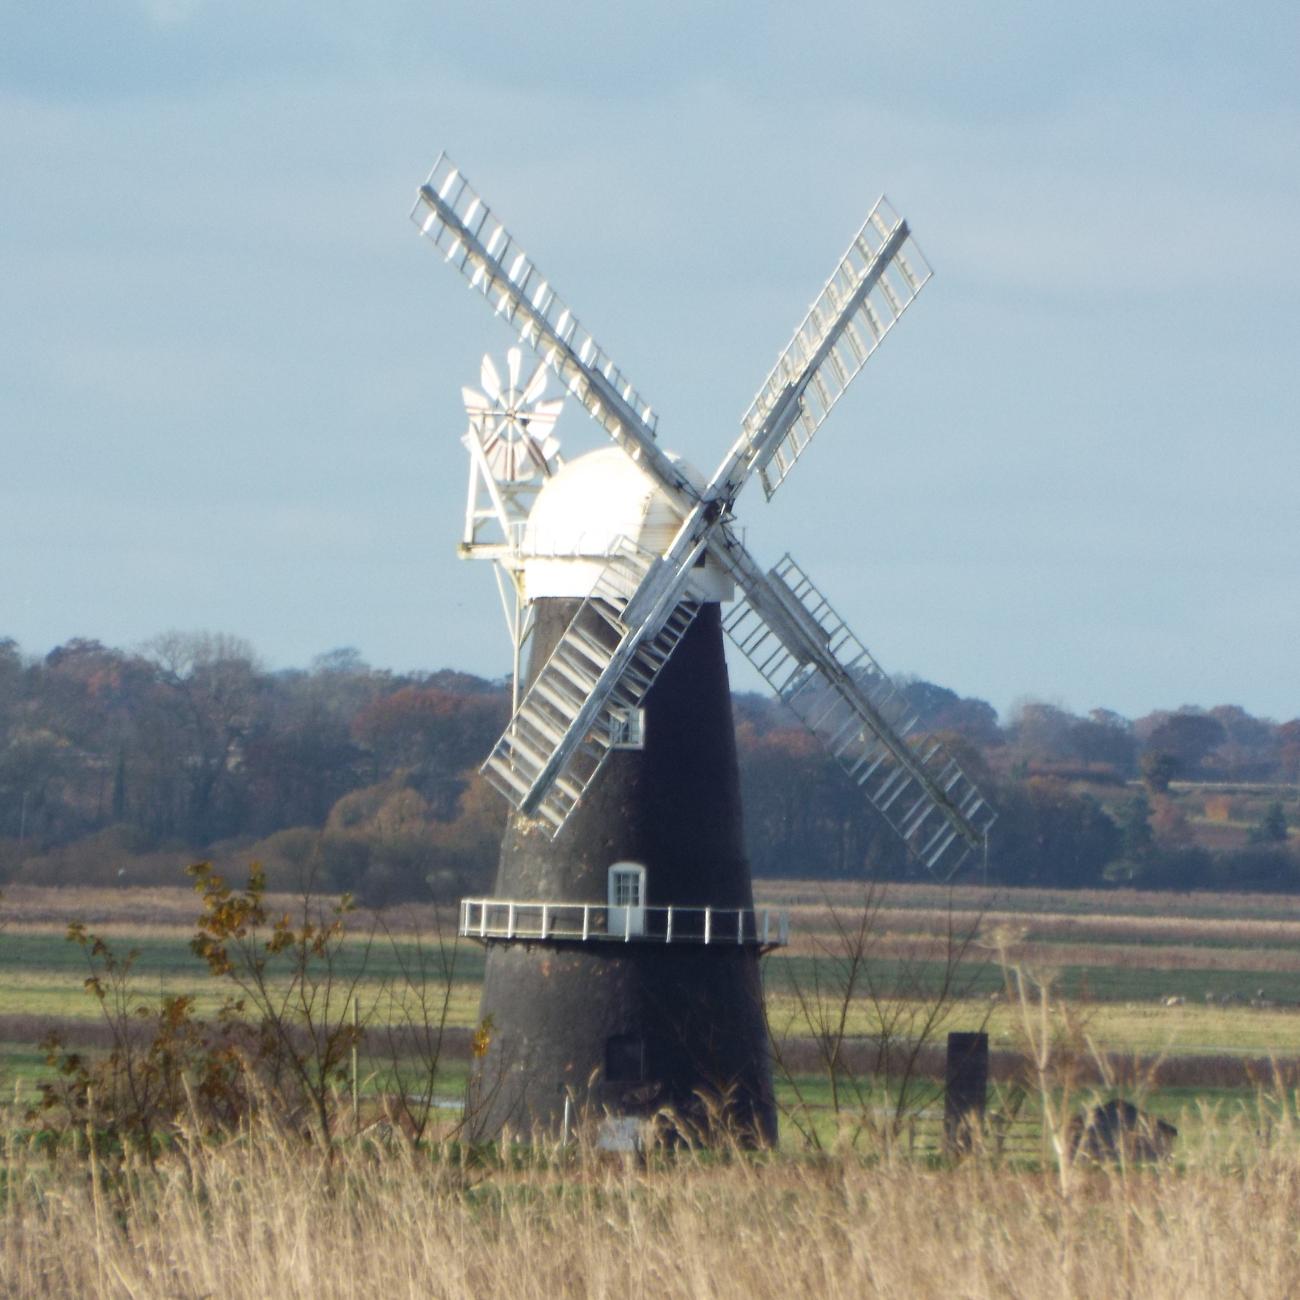 A working windmill